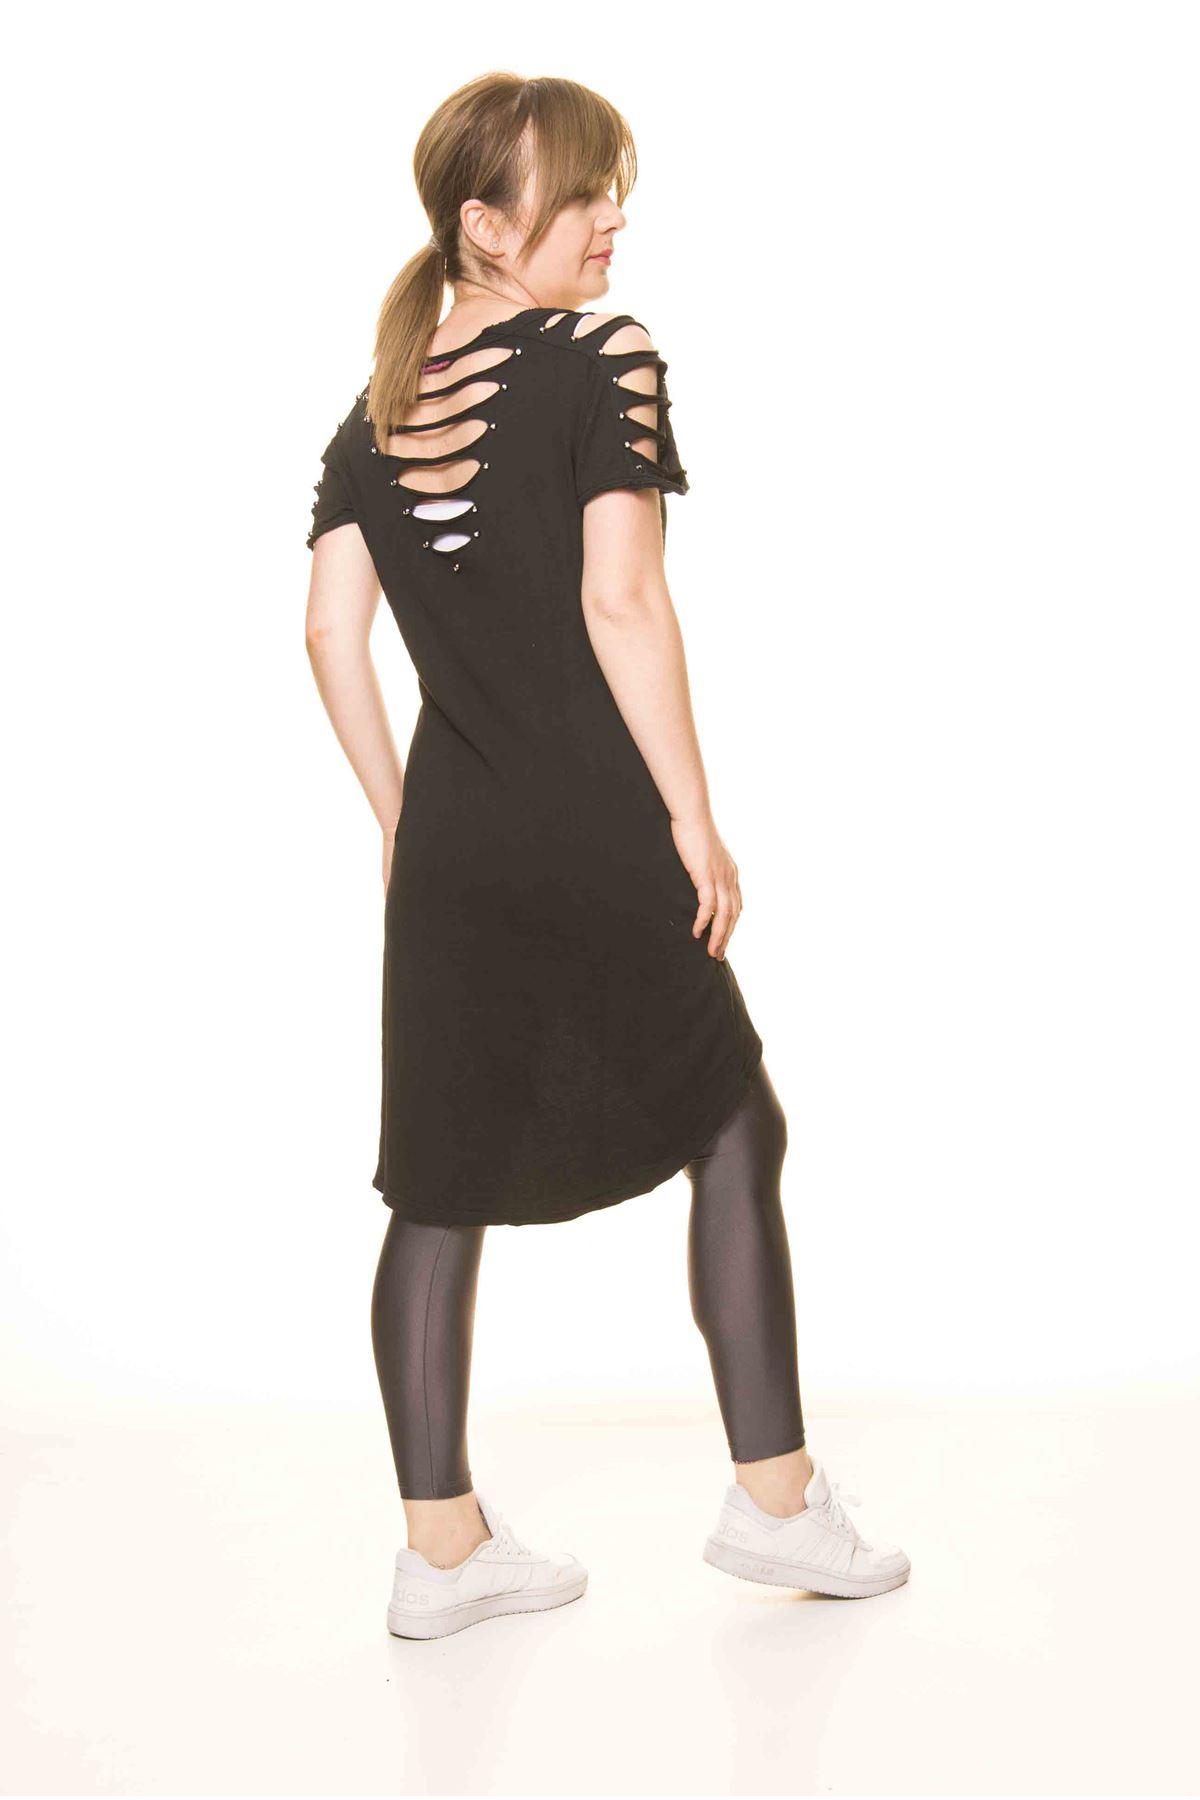 Kadın Siyah Yırtıklı Tarz Tunik  14D-3069-1